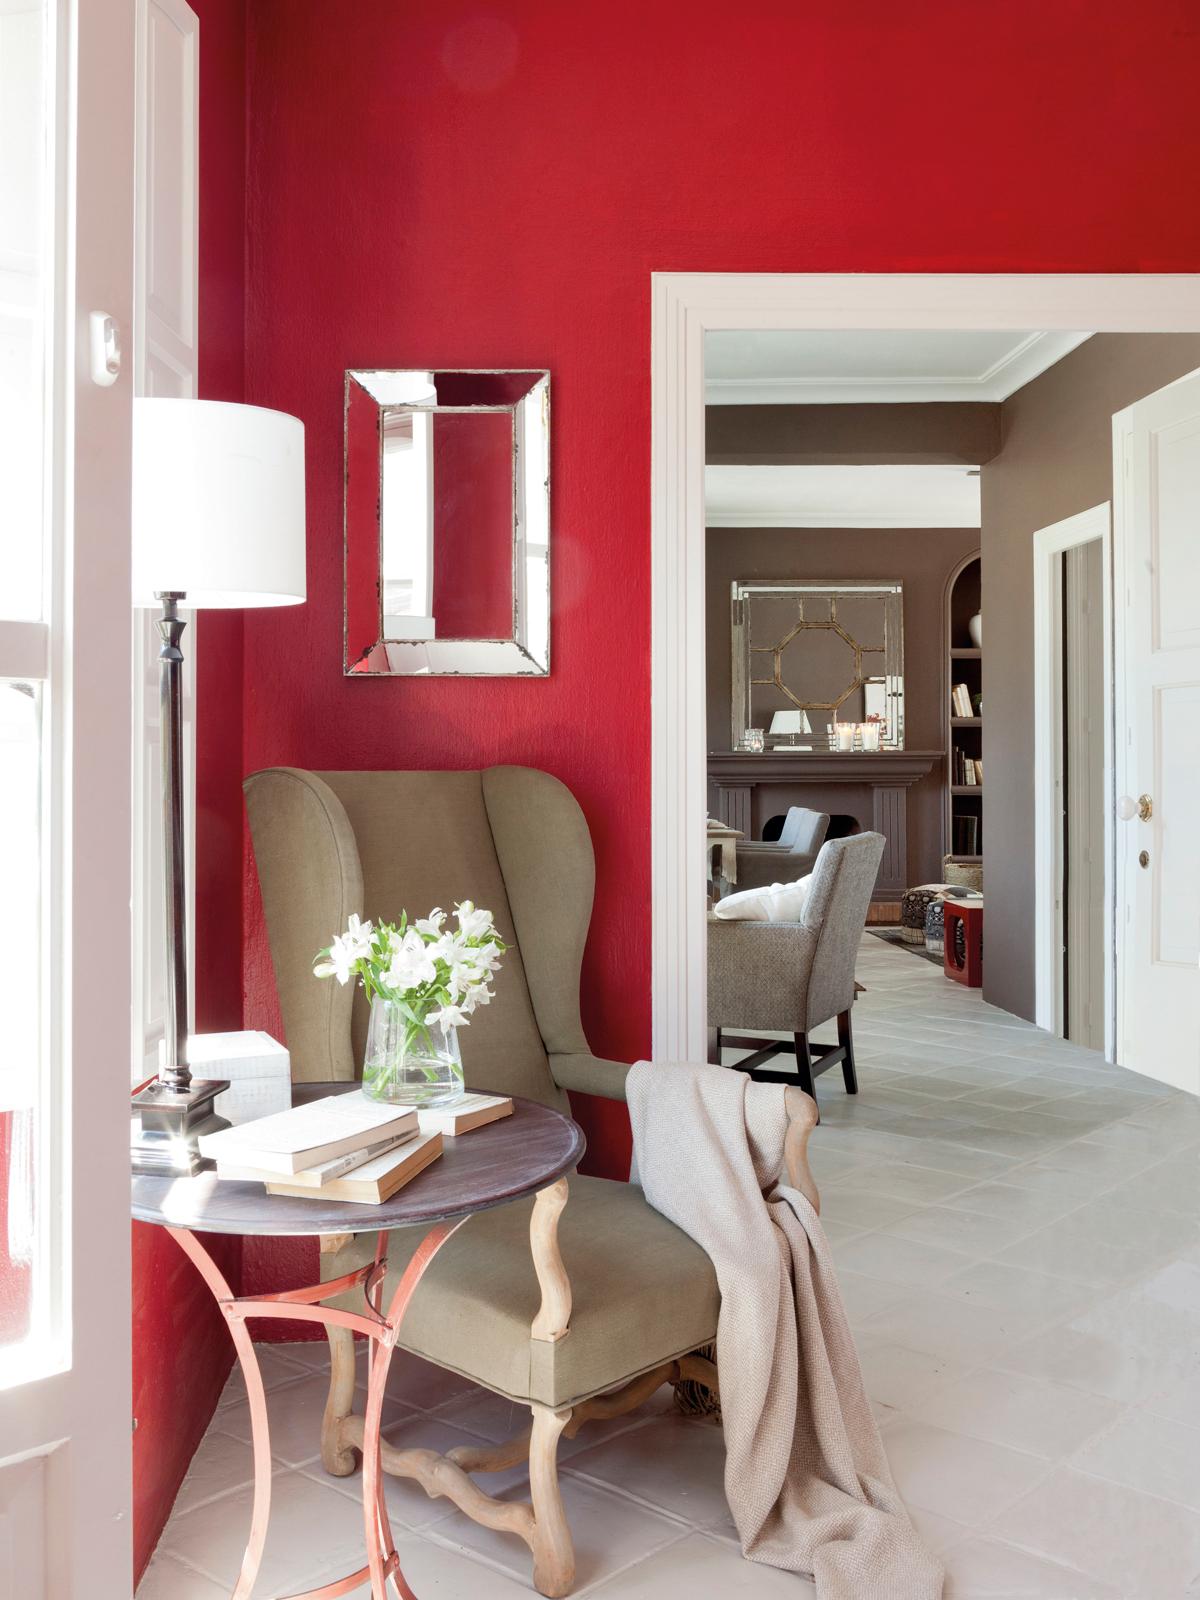 00364481. Rincón pintado de rojo con butaca en color tostado, velador y lámpara de pie blanca 00364481